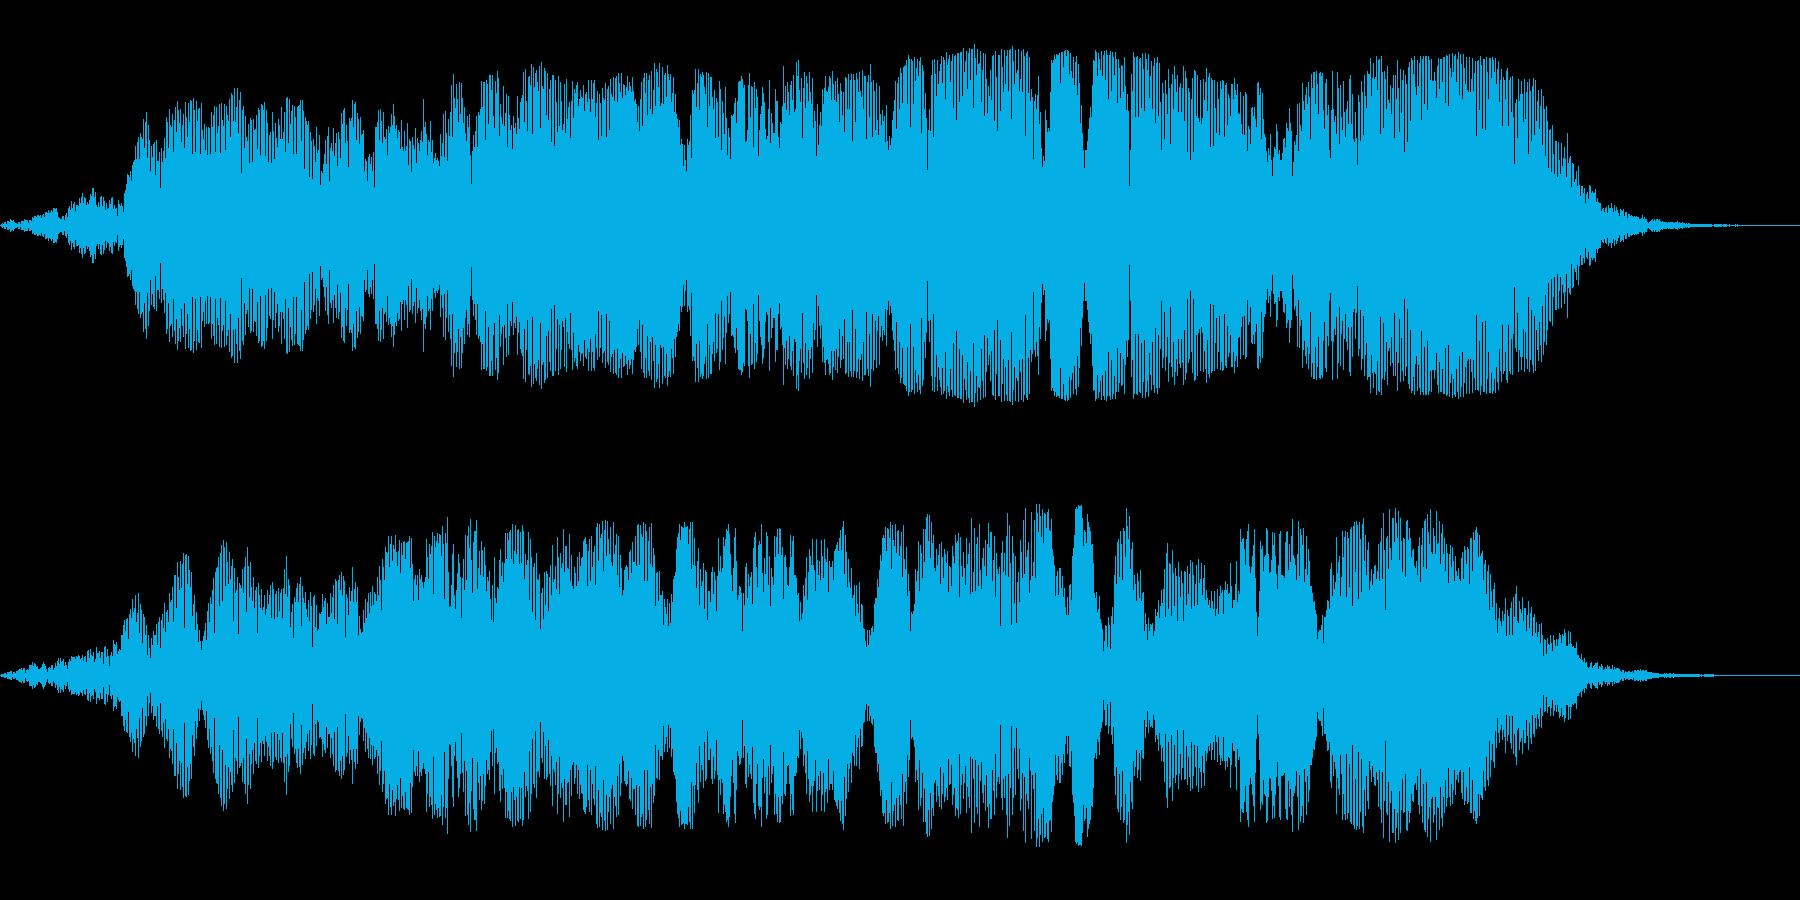 ブワーンという巨大惑星の効果音の再生済みの波形